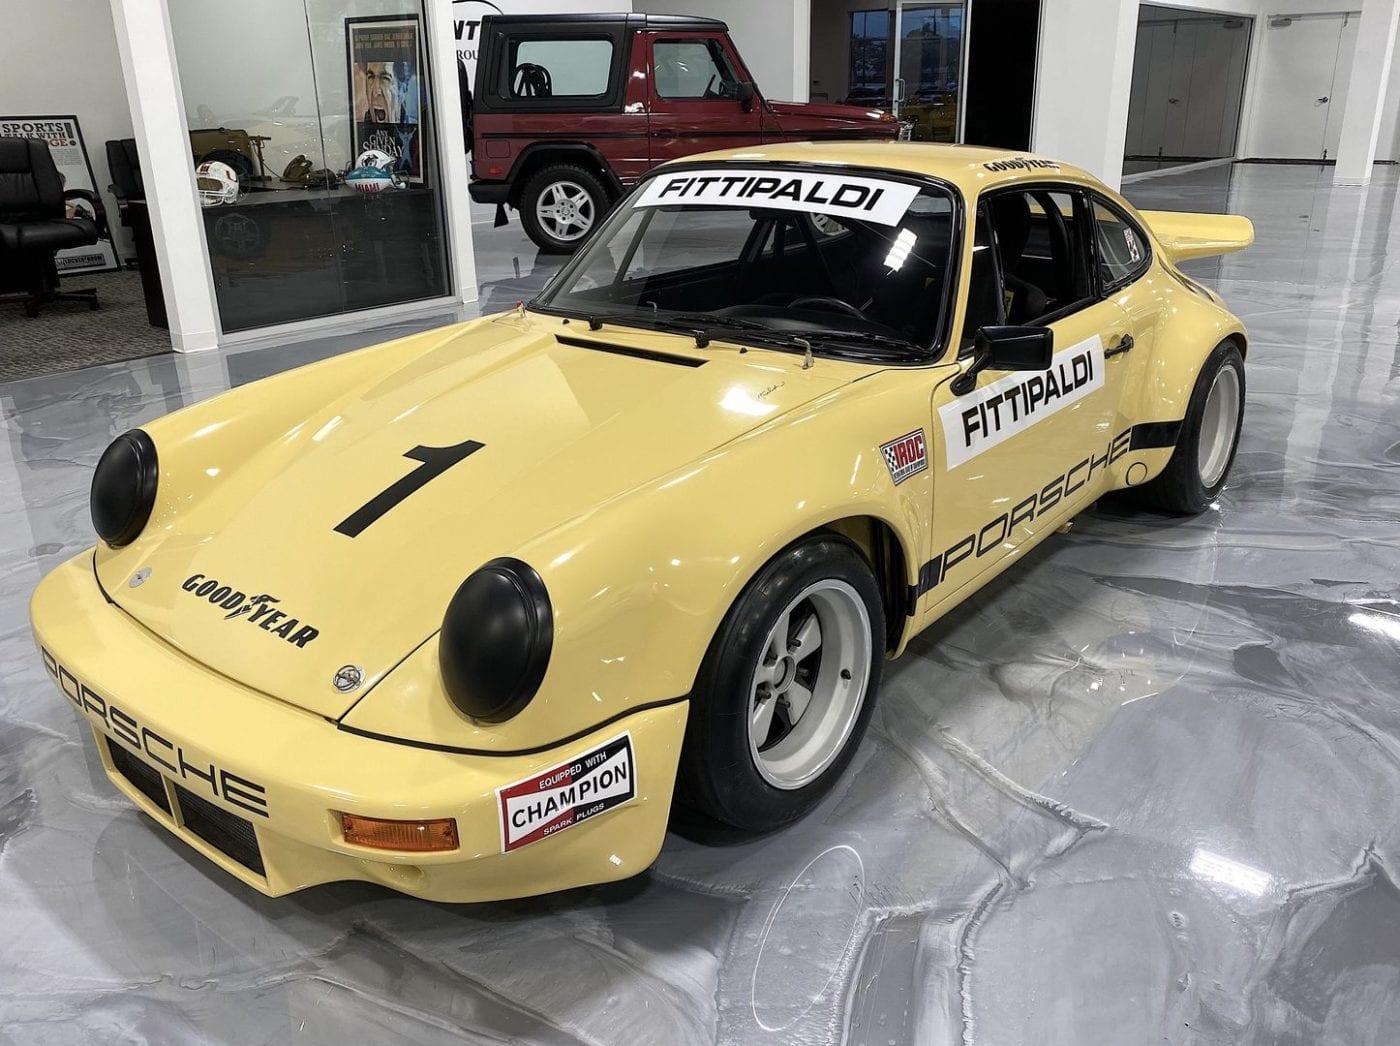 Porsche 911 RSR The Fittipaldi Car